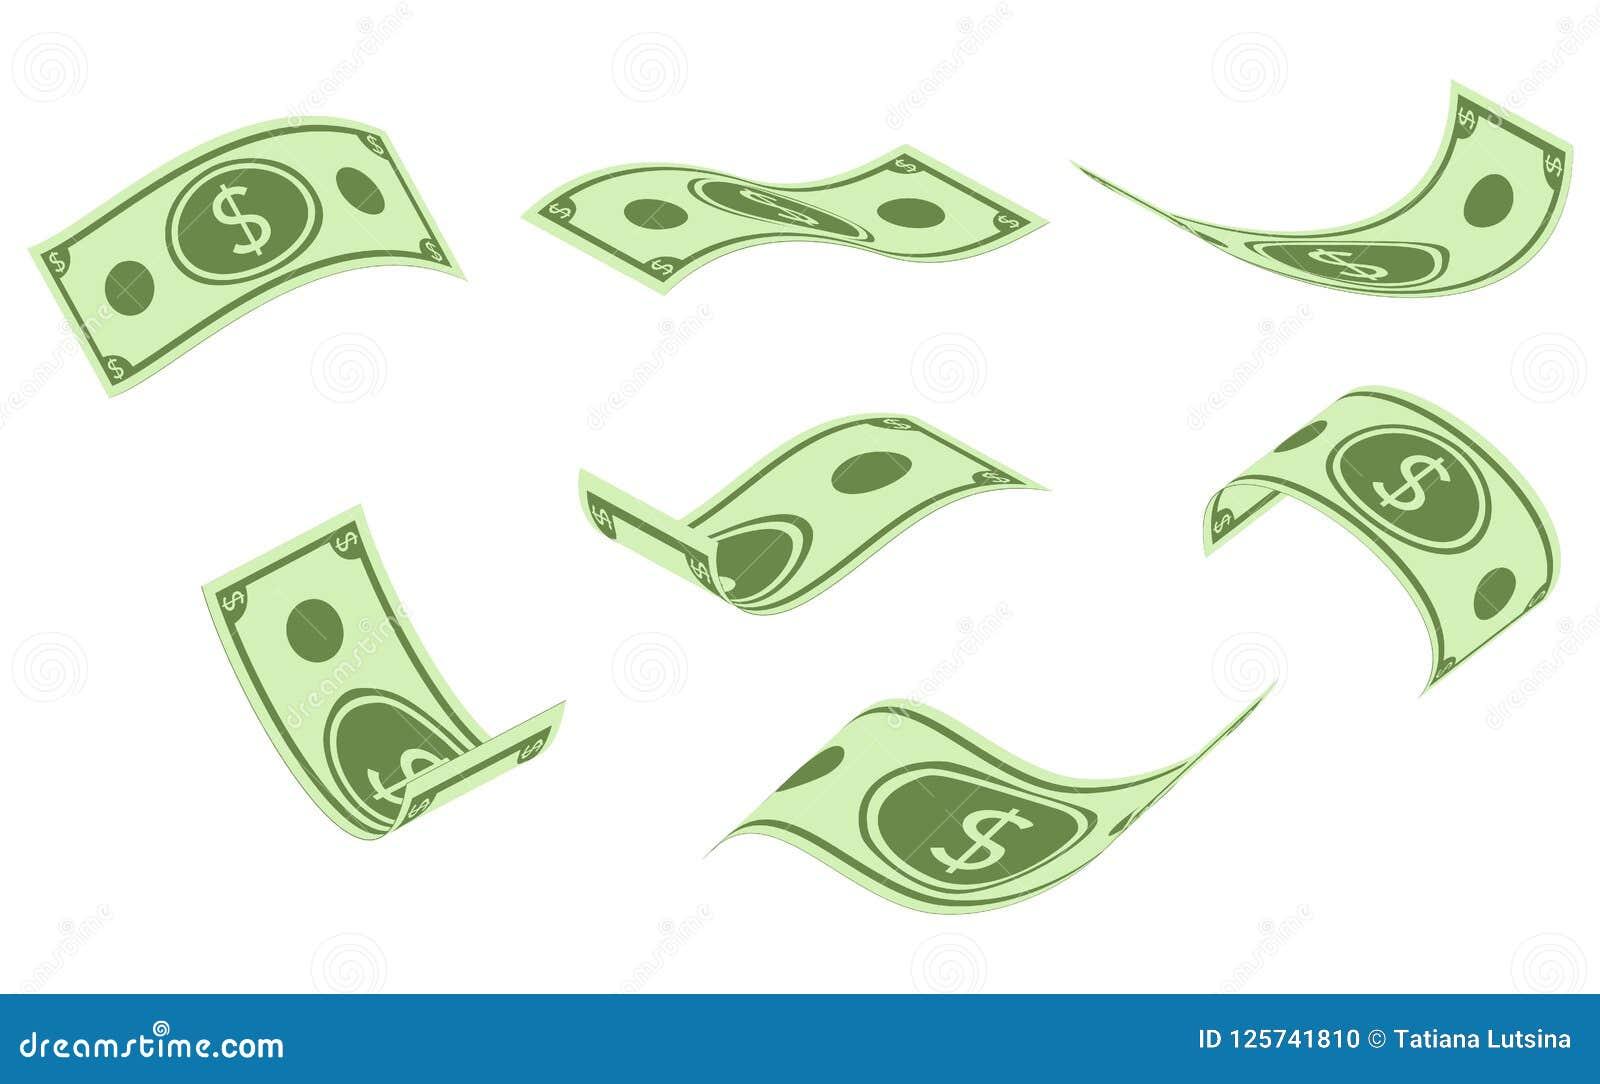 Fallande dollarsedlar, pengarregn, plan vektorillustration som isoleras på vit bakgrund